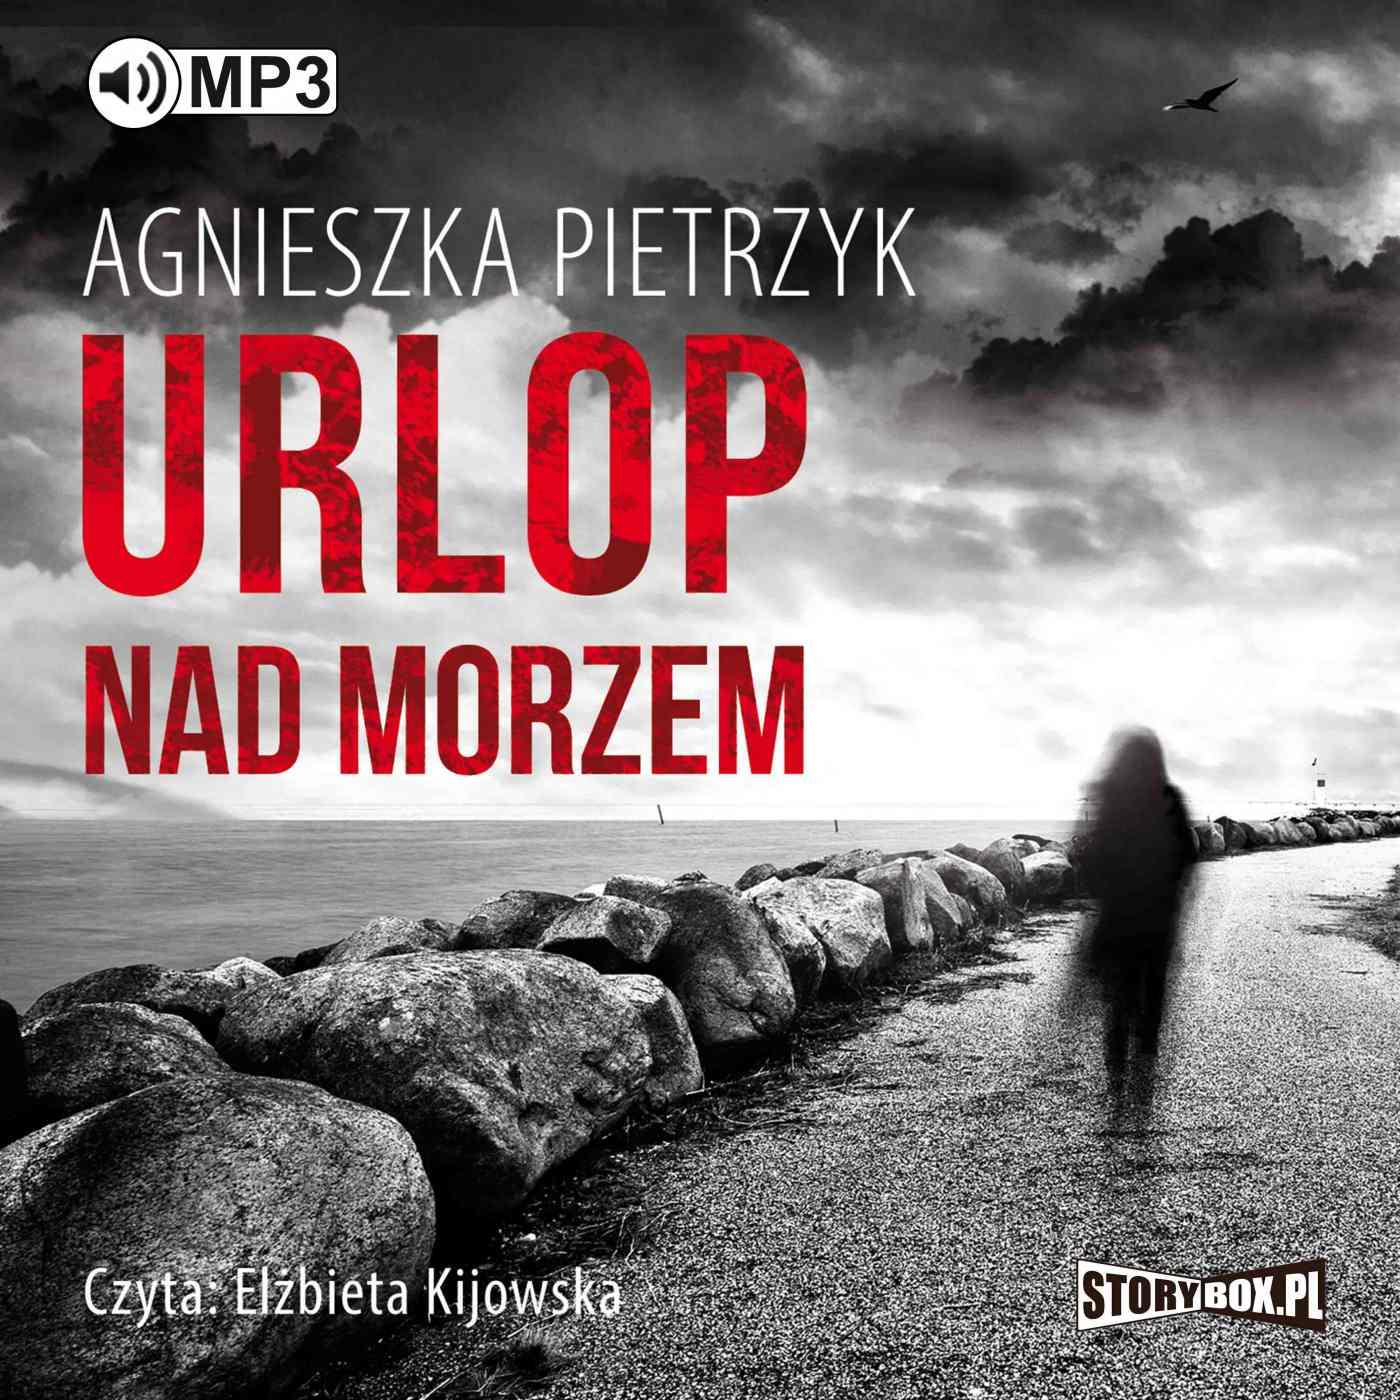 Urlop nad morzem - Audiobook (Książka audio MP3) do pobrania w całości w archiwum ZIP